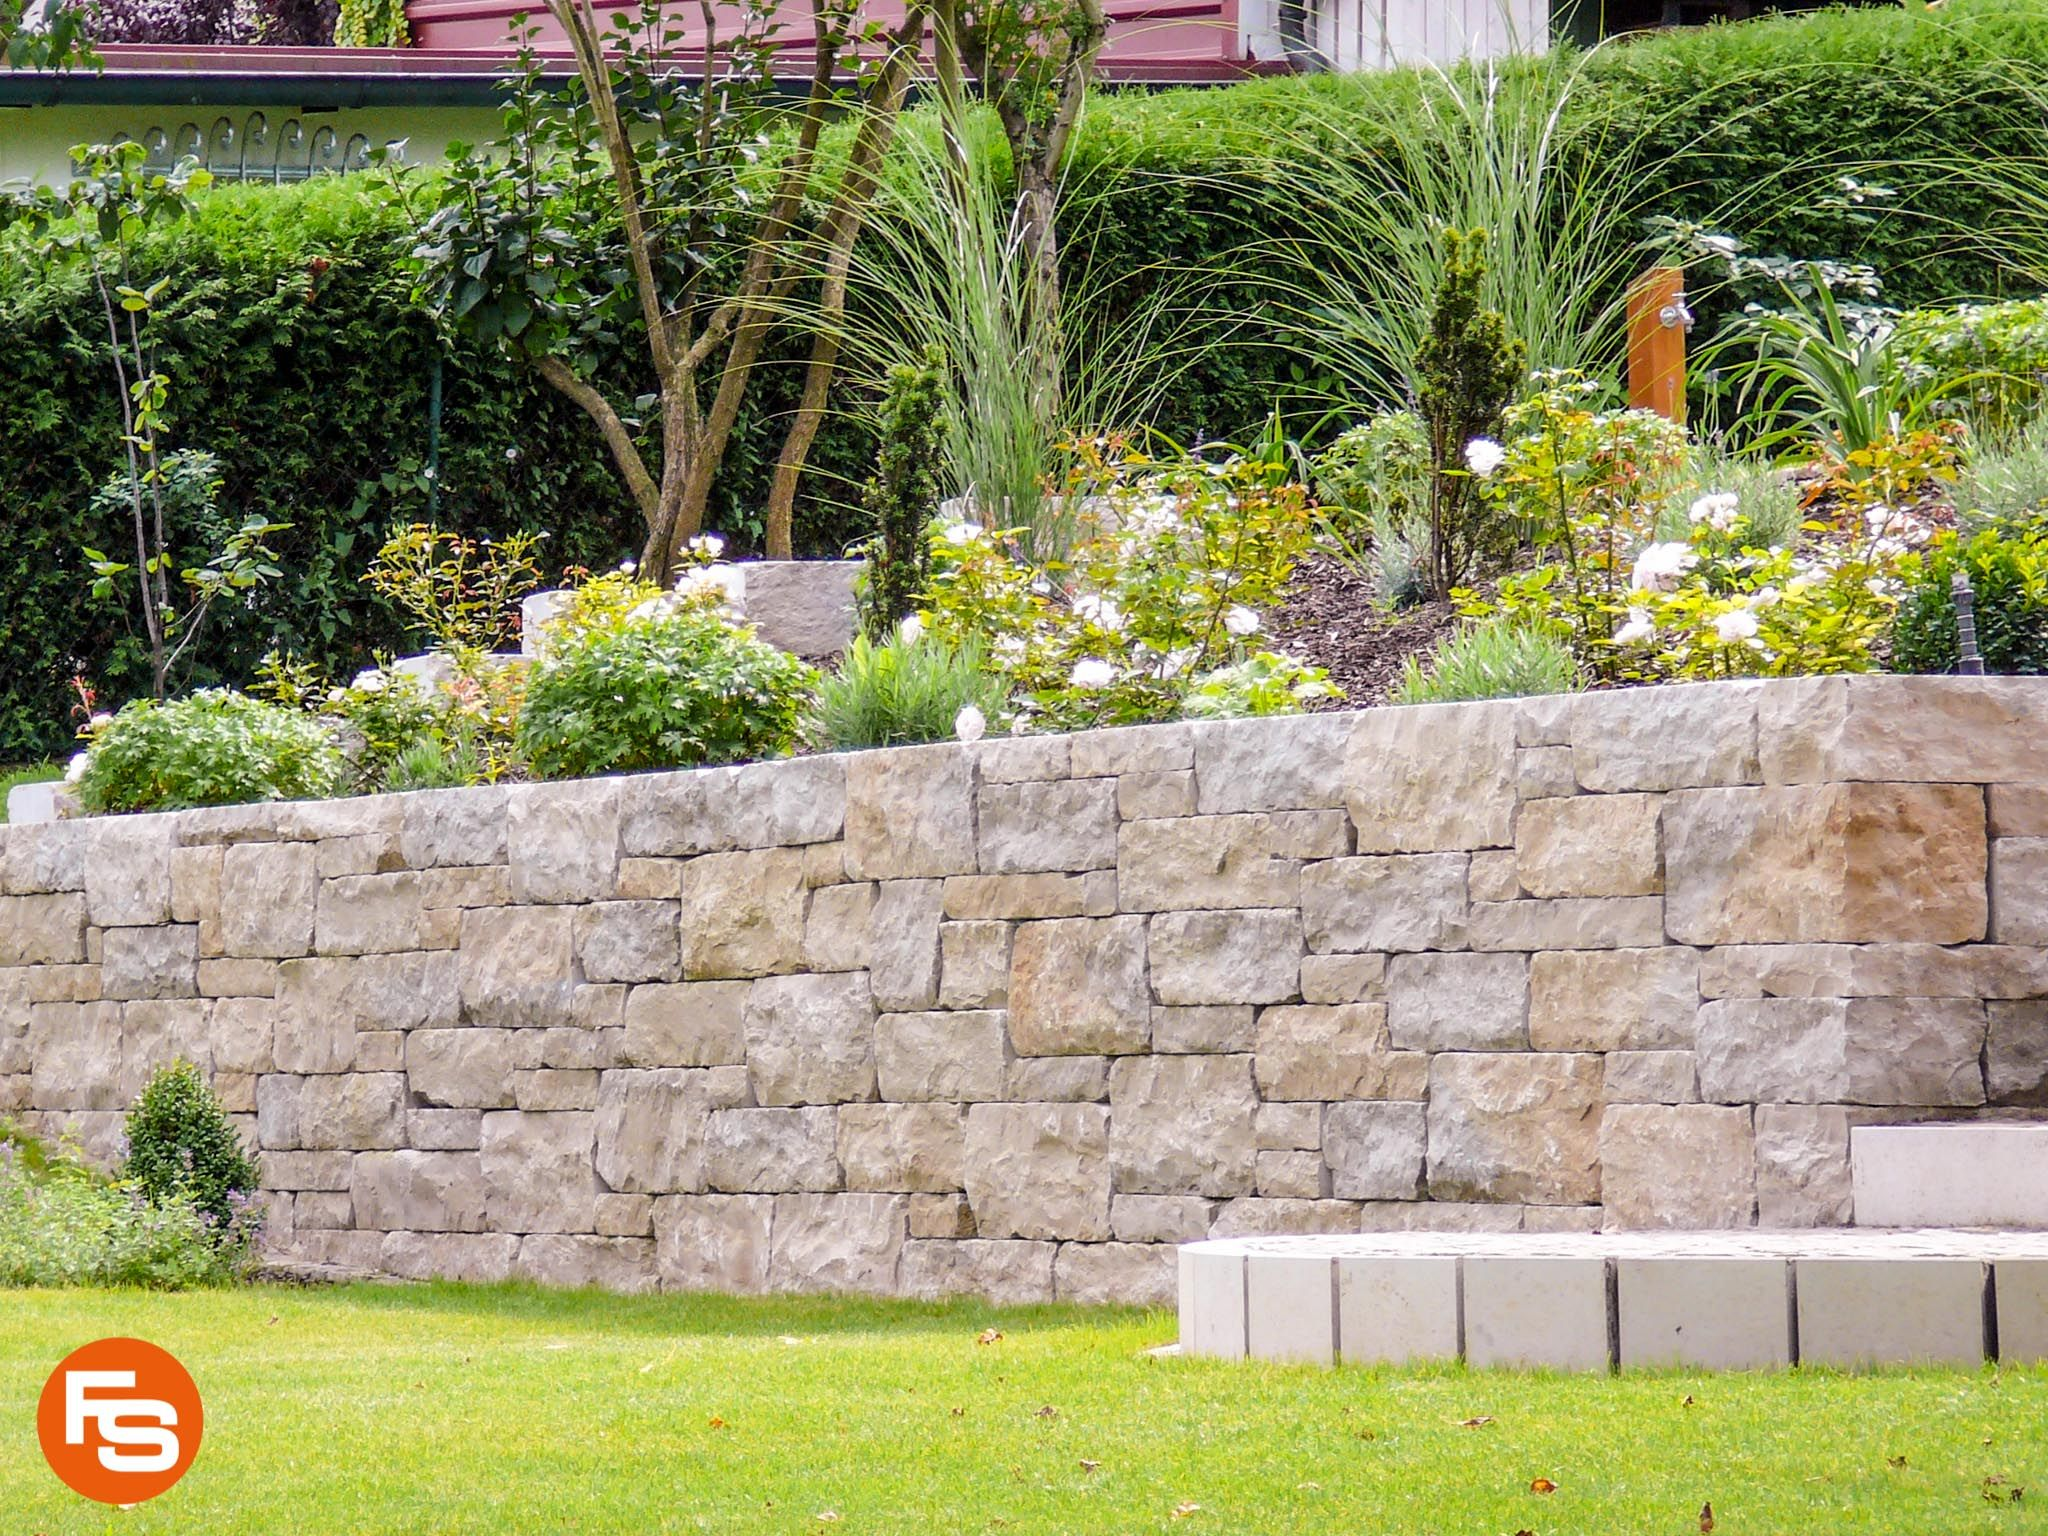 Dietfurter Kalkstein unser römermauerwerk aus unserem naturstein dietfurter kalkstein